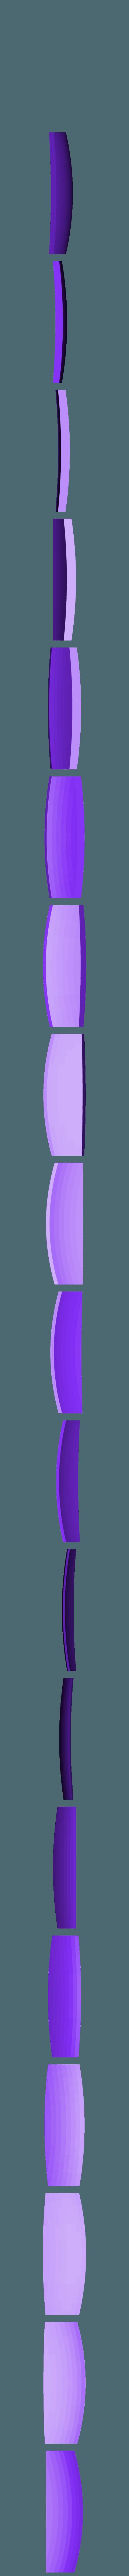 13.STL Télécharger fichier STL gratuit Bouclier du capitaine amérique (Entièrement détaillé) • Design pour imprimante 3D, Absolute3D